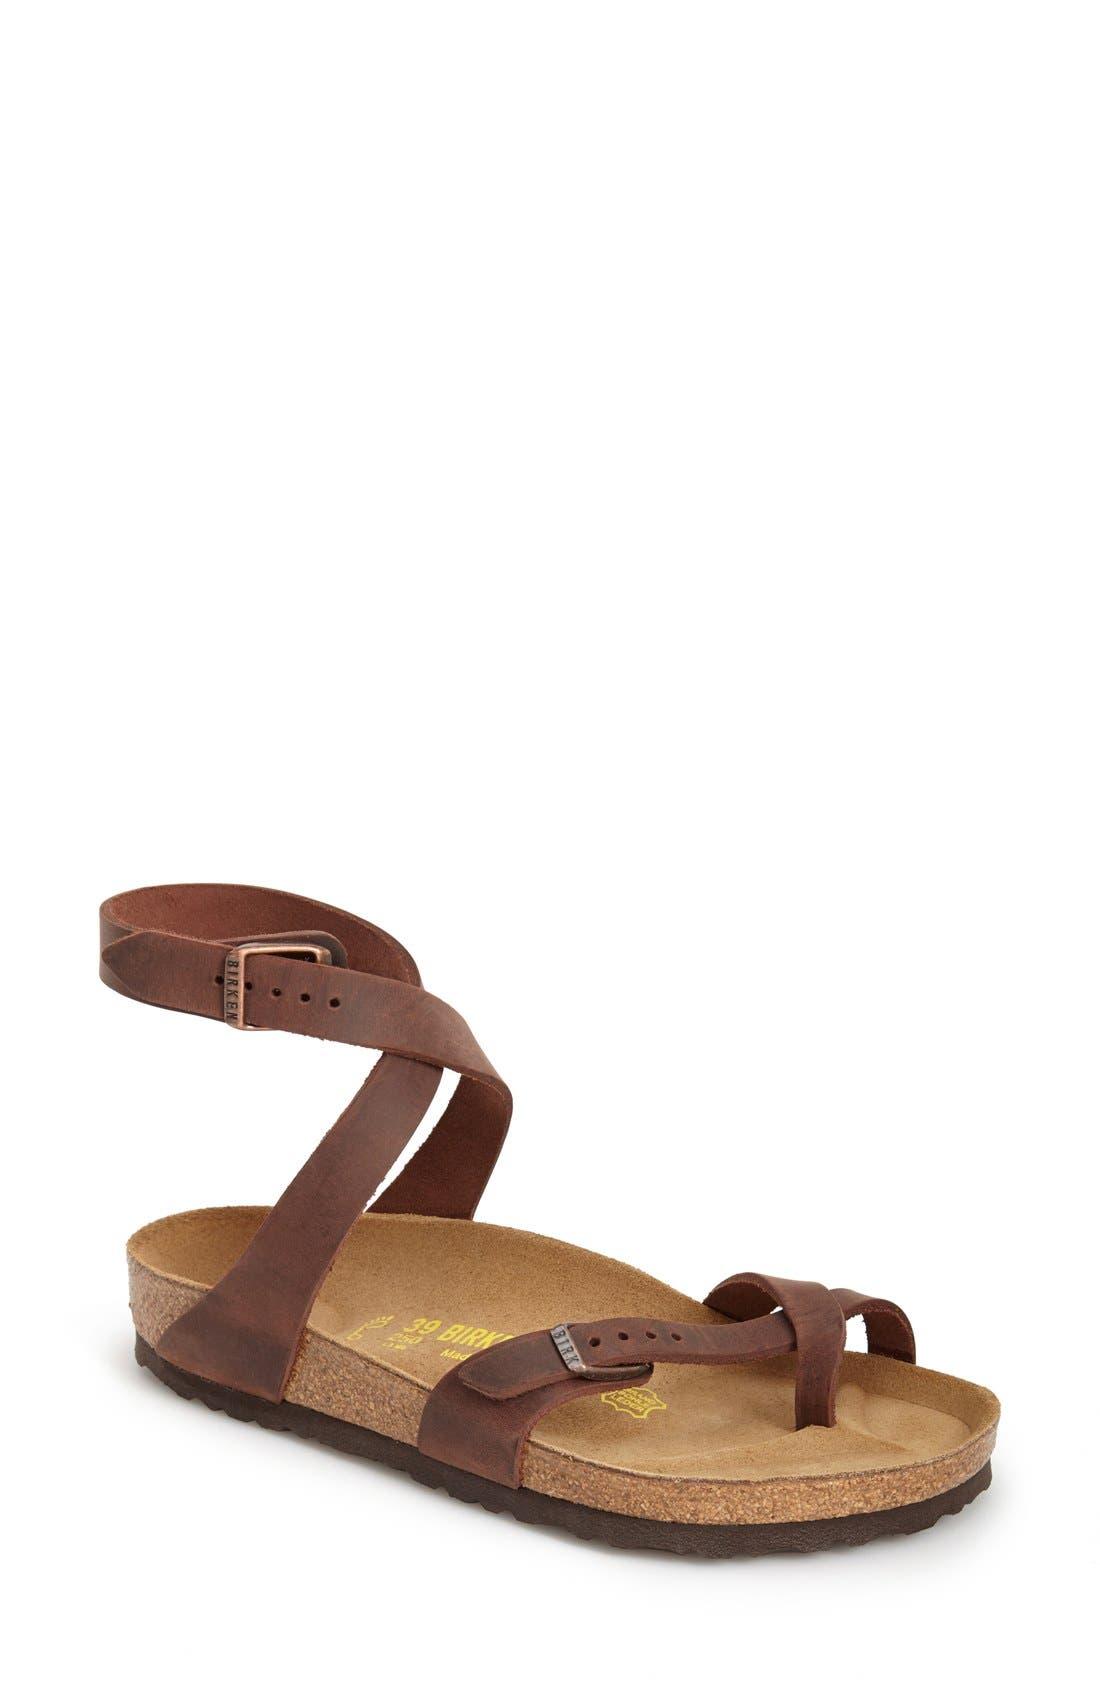 'Yara' Sandal,                             Main thumbnail 1, color,                             Yara Habana Oiled Leather